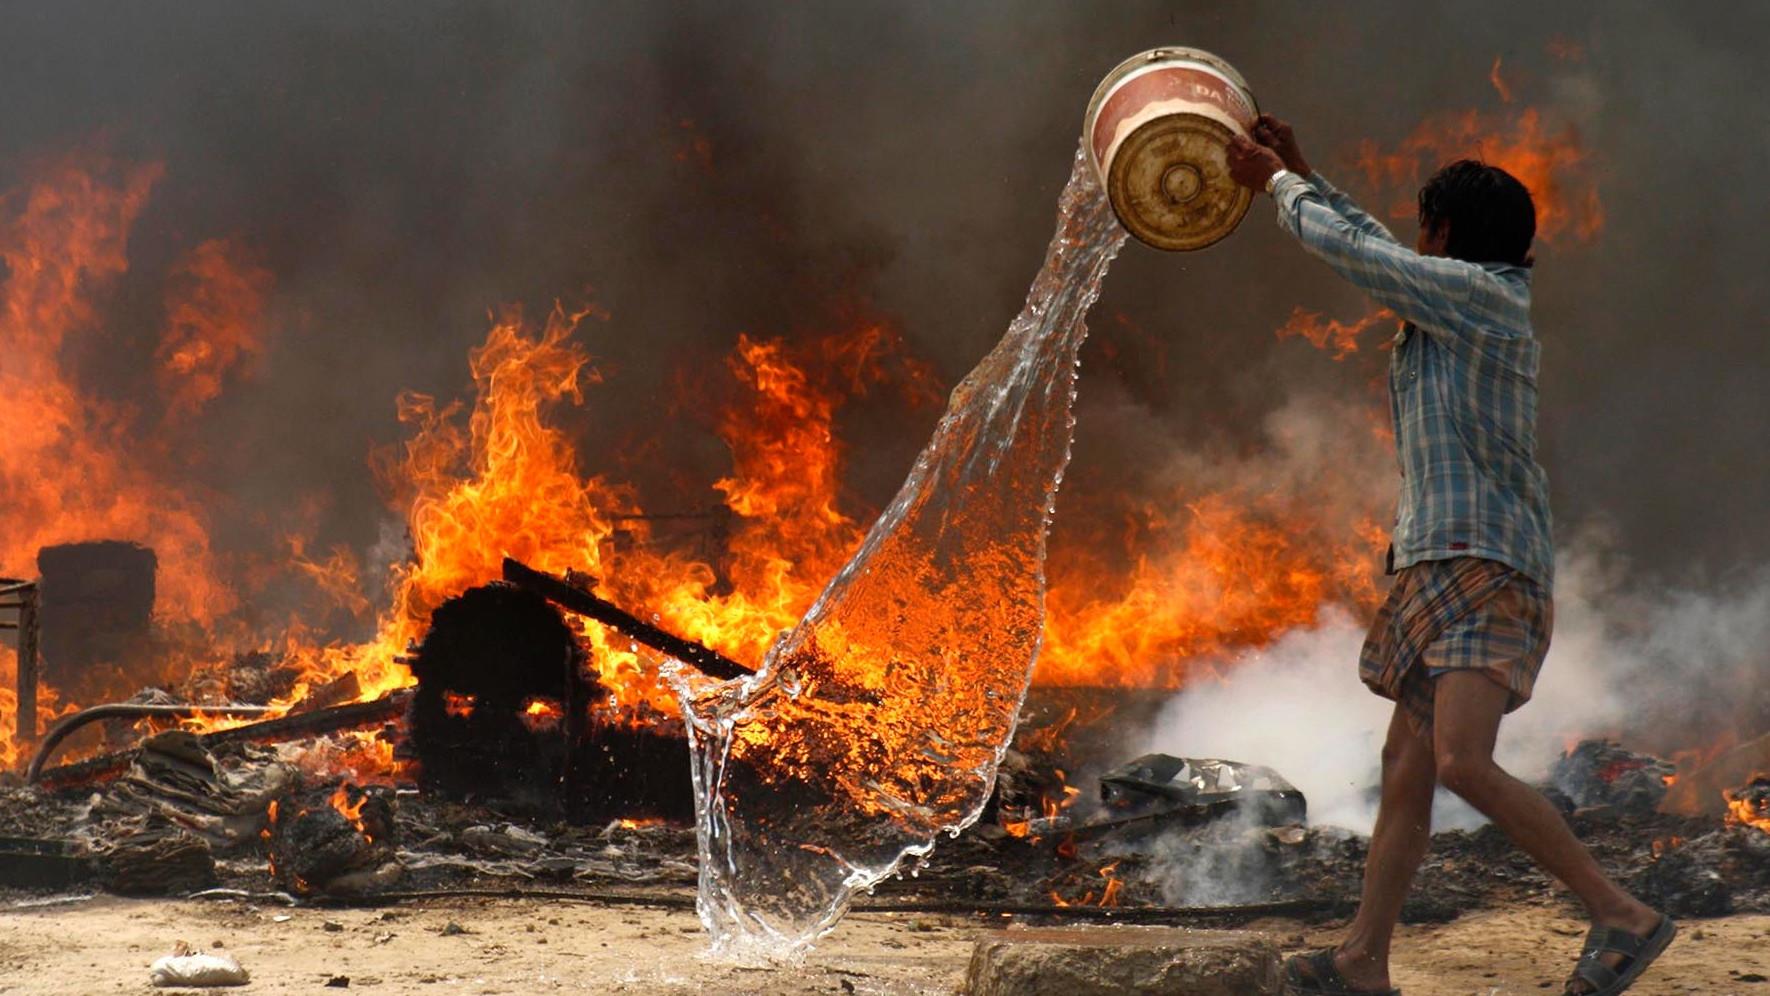 Fire - Delhi